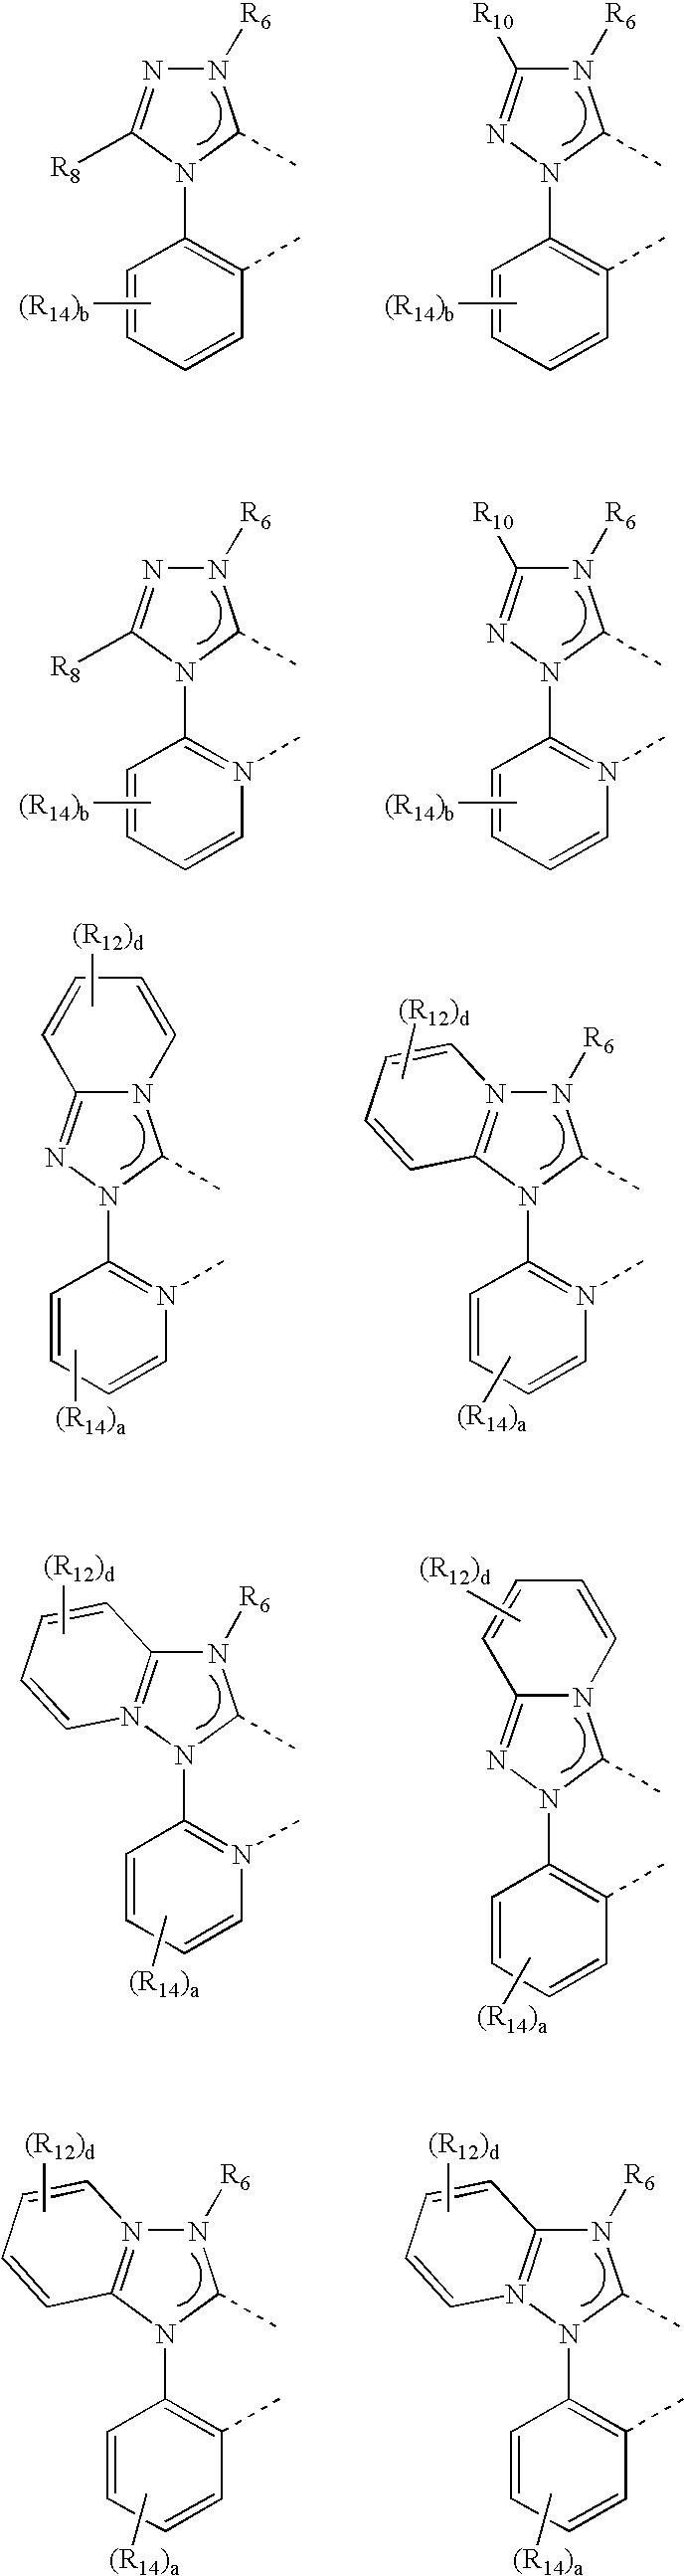 Figure US20090140640A1-20090604-C00043